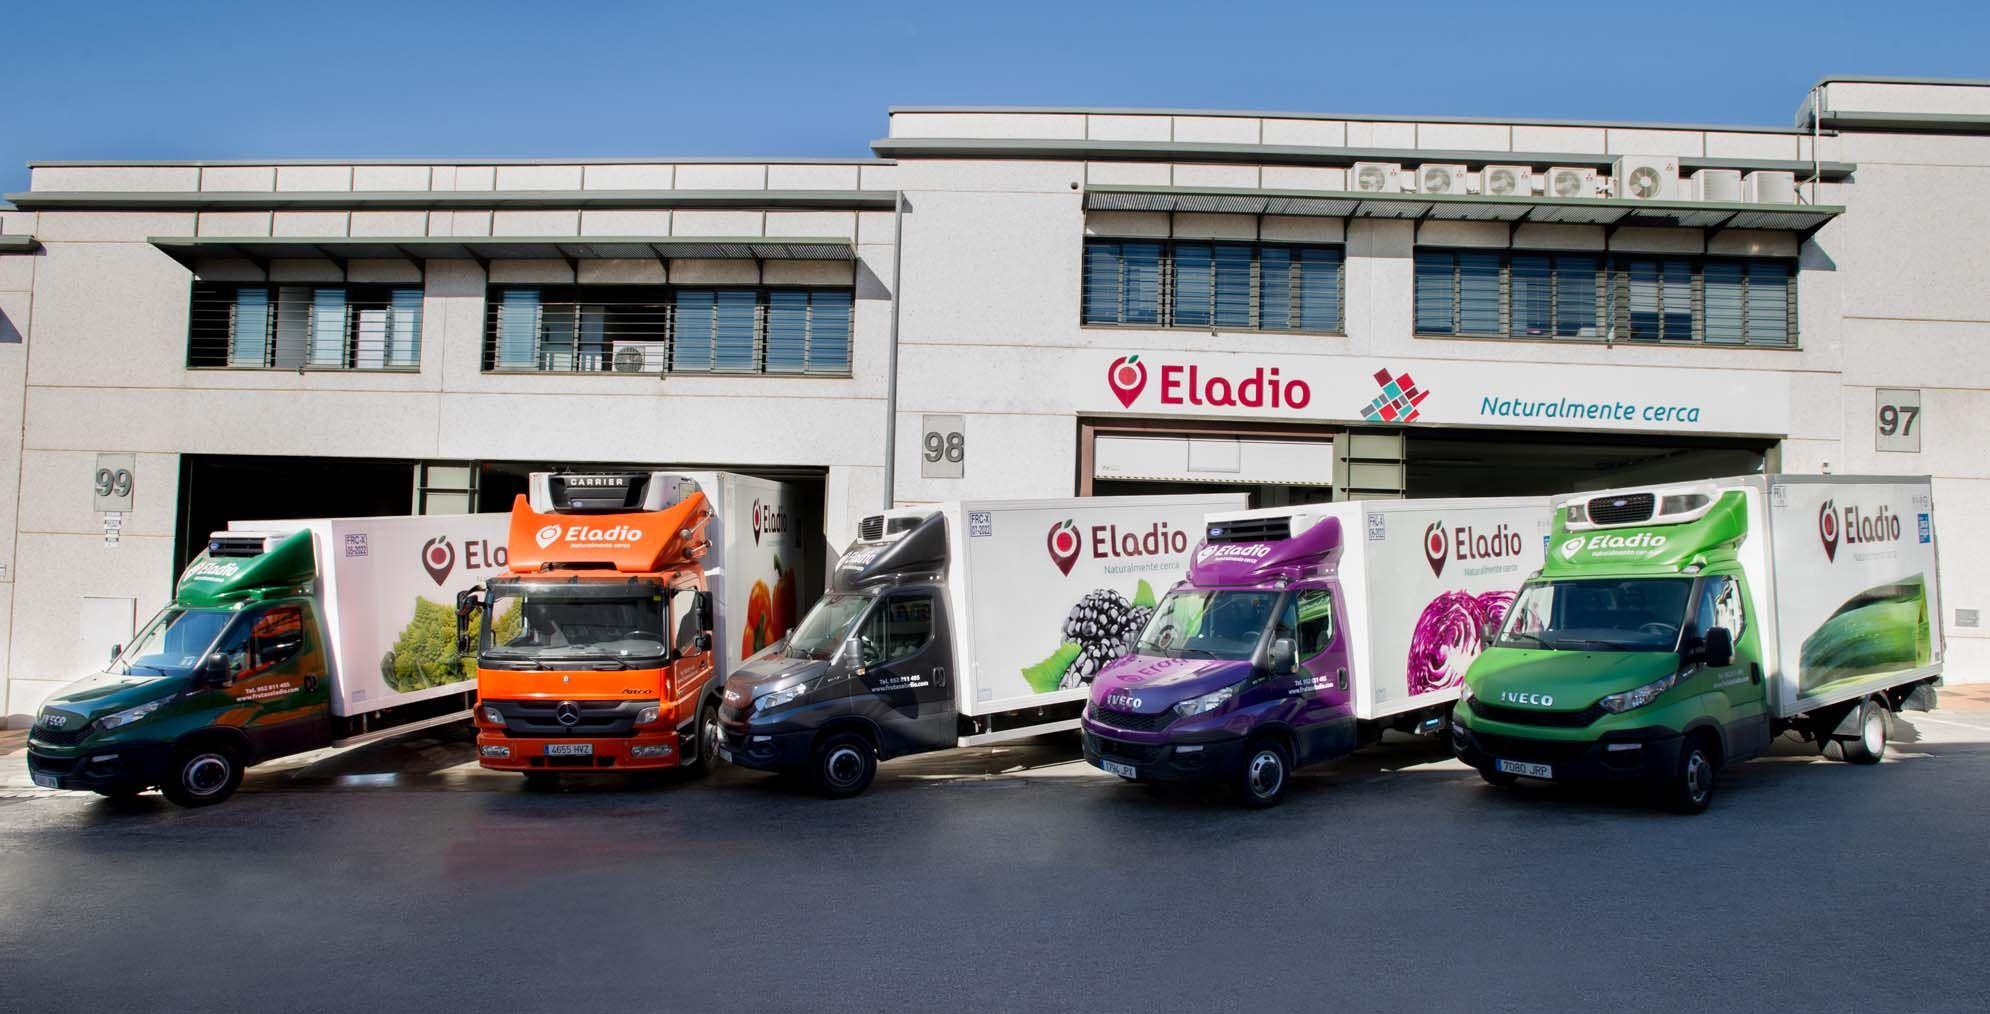 alt - https://static.comunicae.com/photos/notas/1194320/1521736319_Camiones.jpg